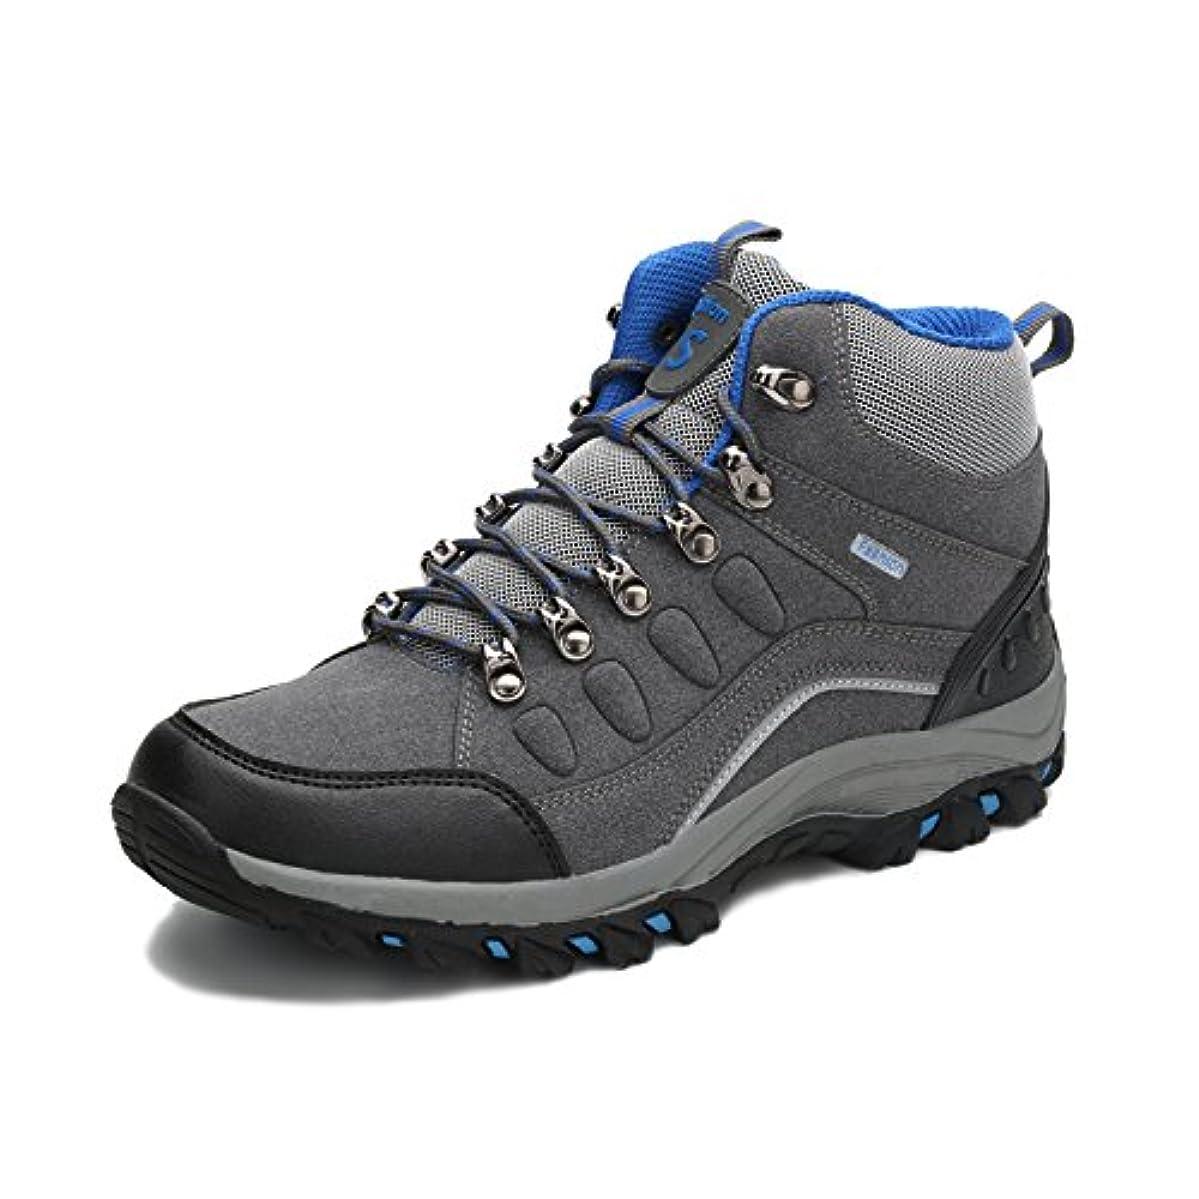 人工カウントアップ侮辱[WARRIOR] Women and Men's Hiking boots メンズ ハイキングシューズ レディース トレッキングブーツ ウォーキング 防滑 登山靴